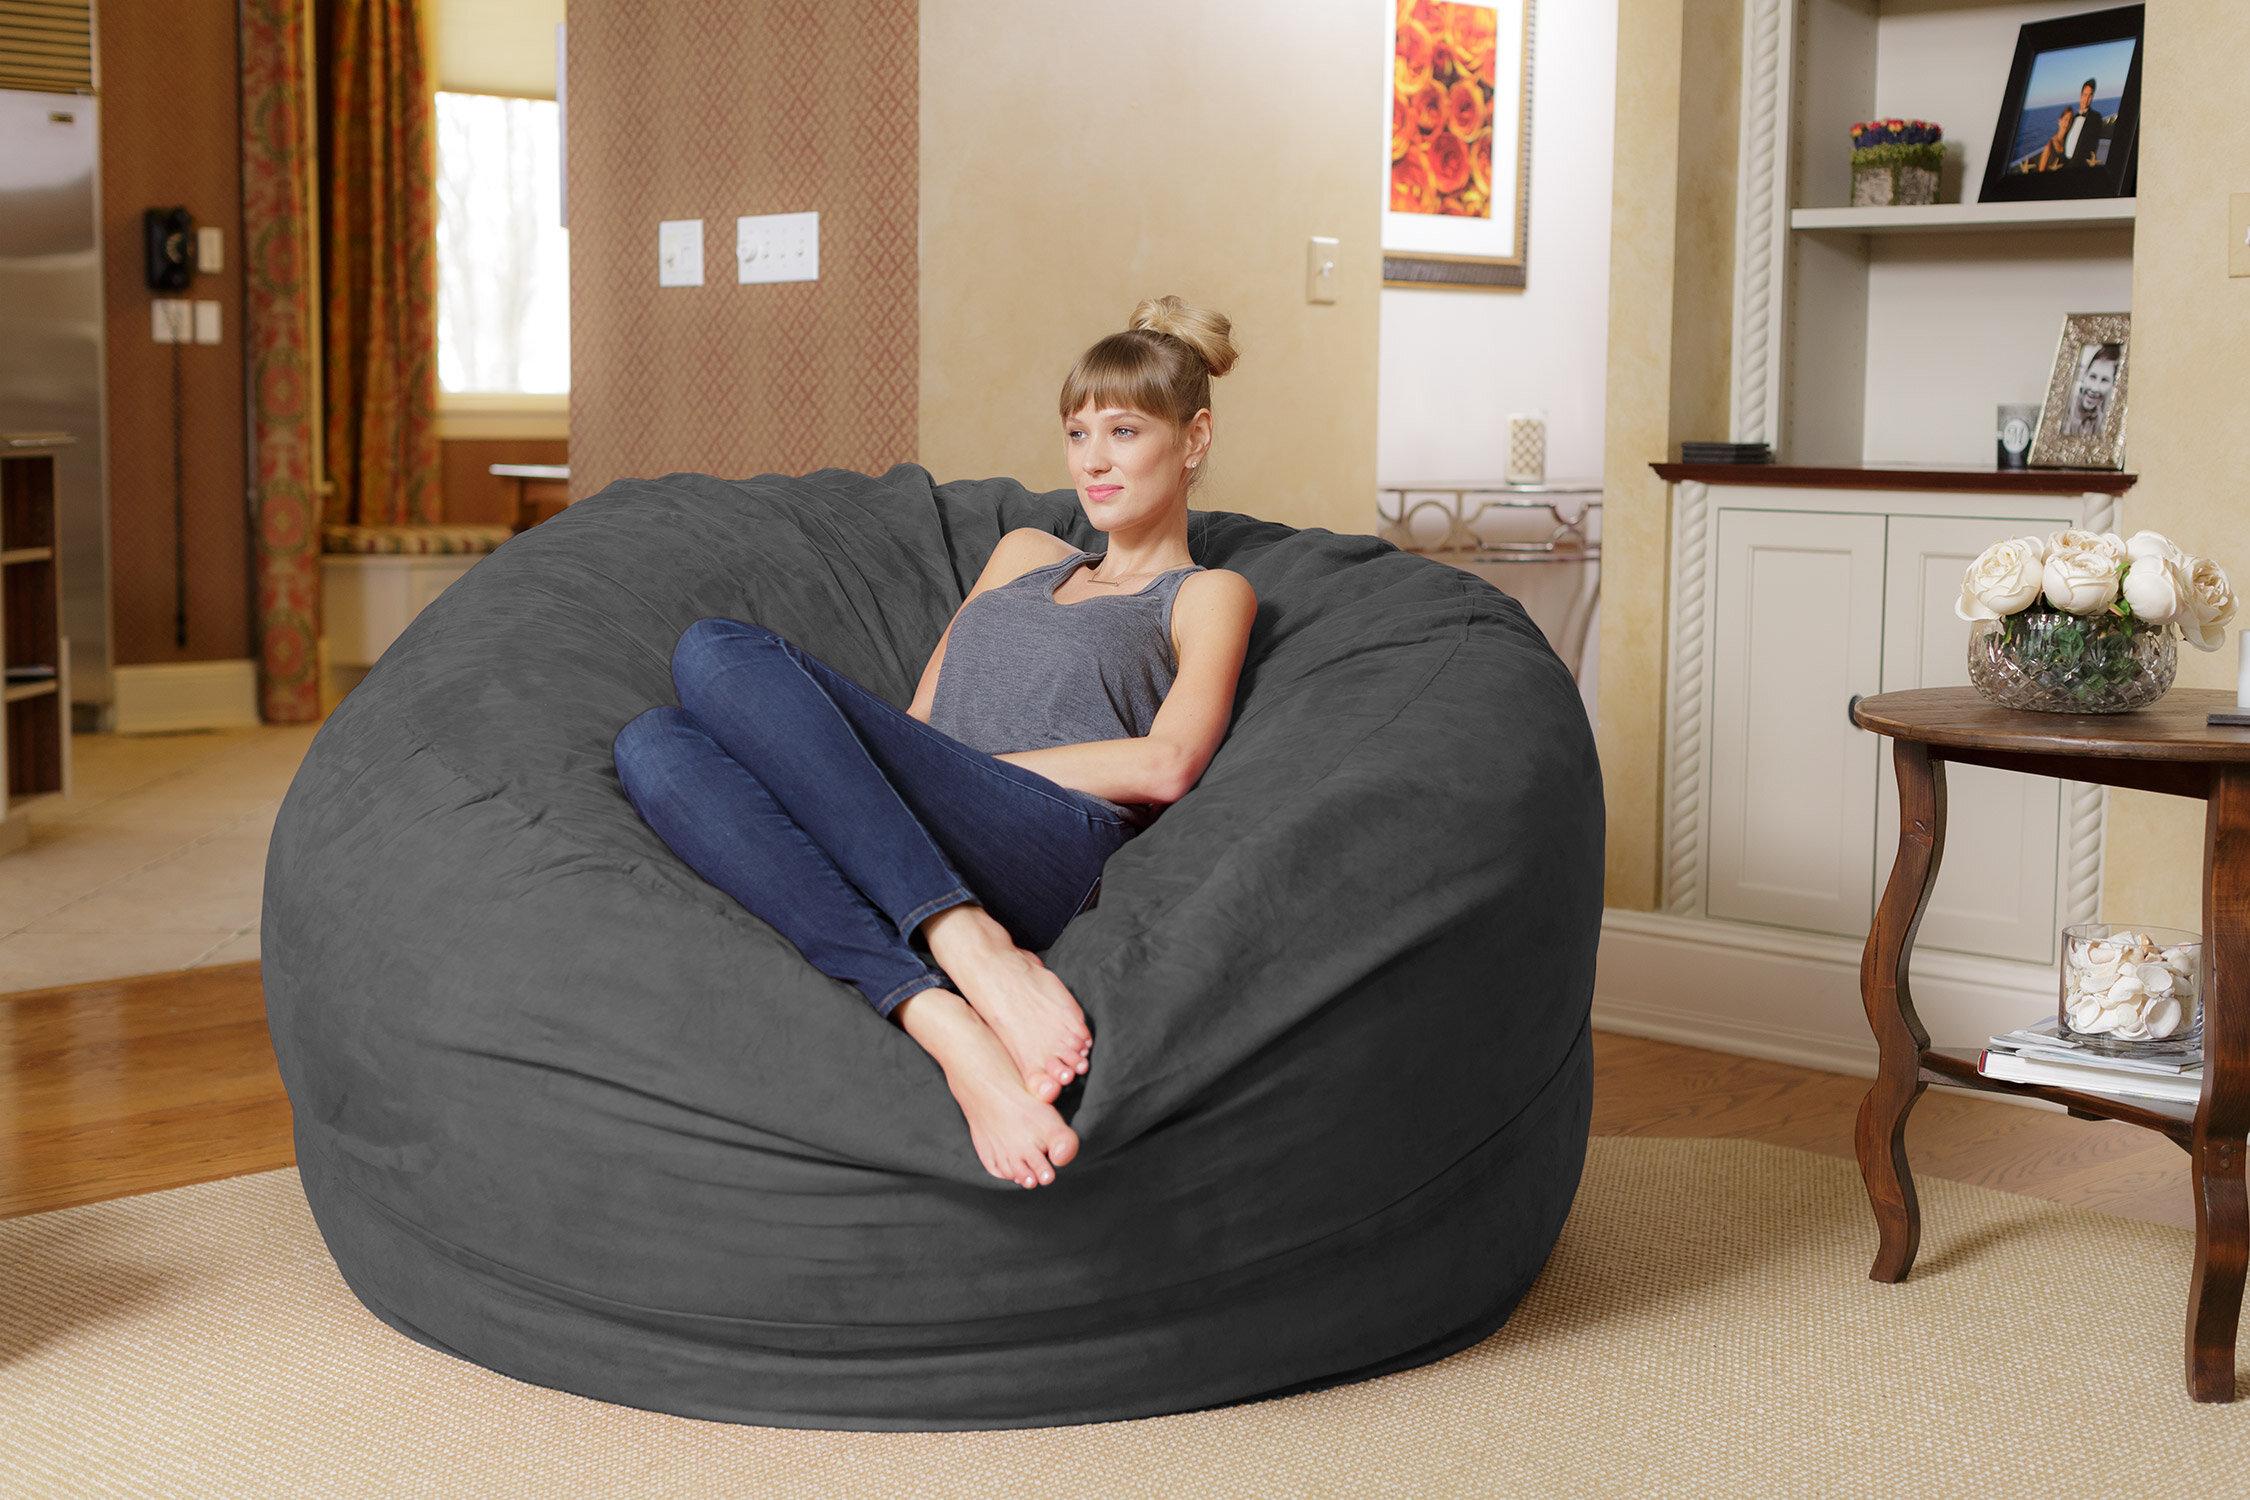 Cool Bean Bag Chair Unemploymentrelief Wooden Chair Designs For Living Room Unemploymentrelieforg